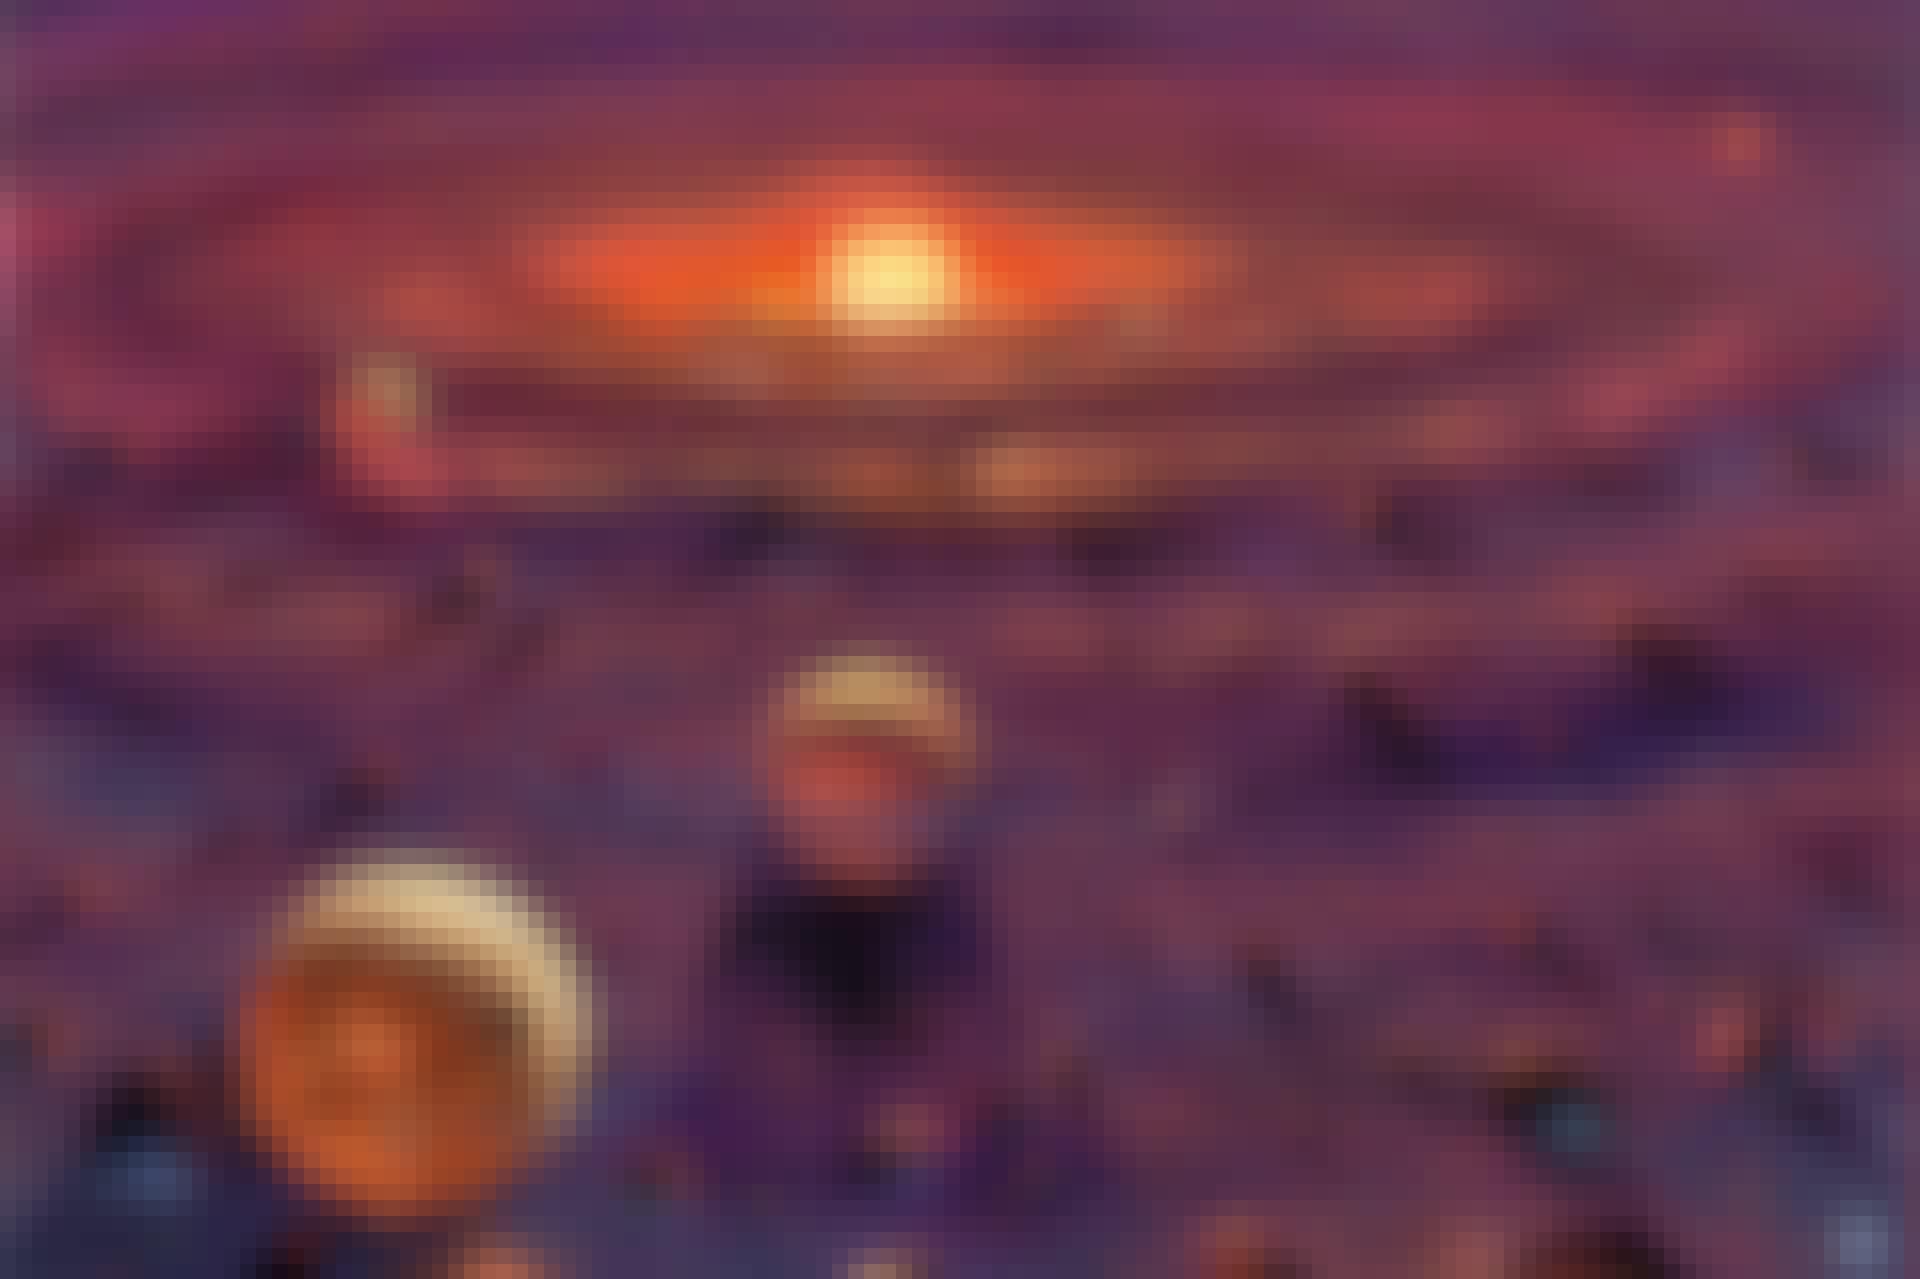 Ungt solsystem